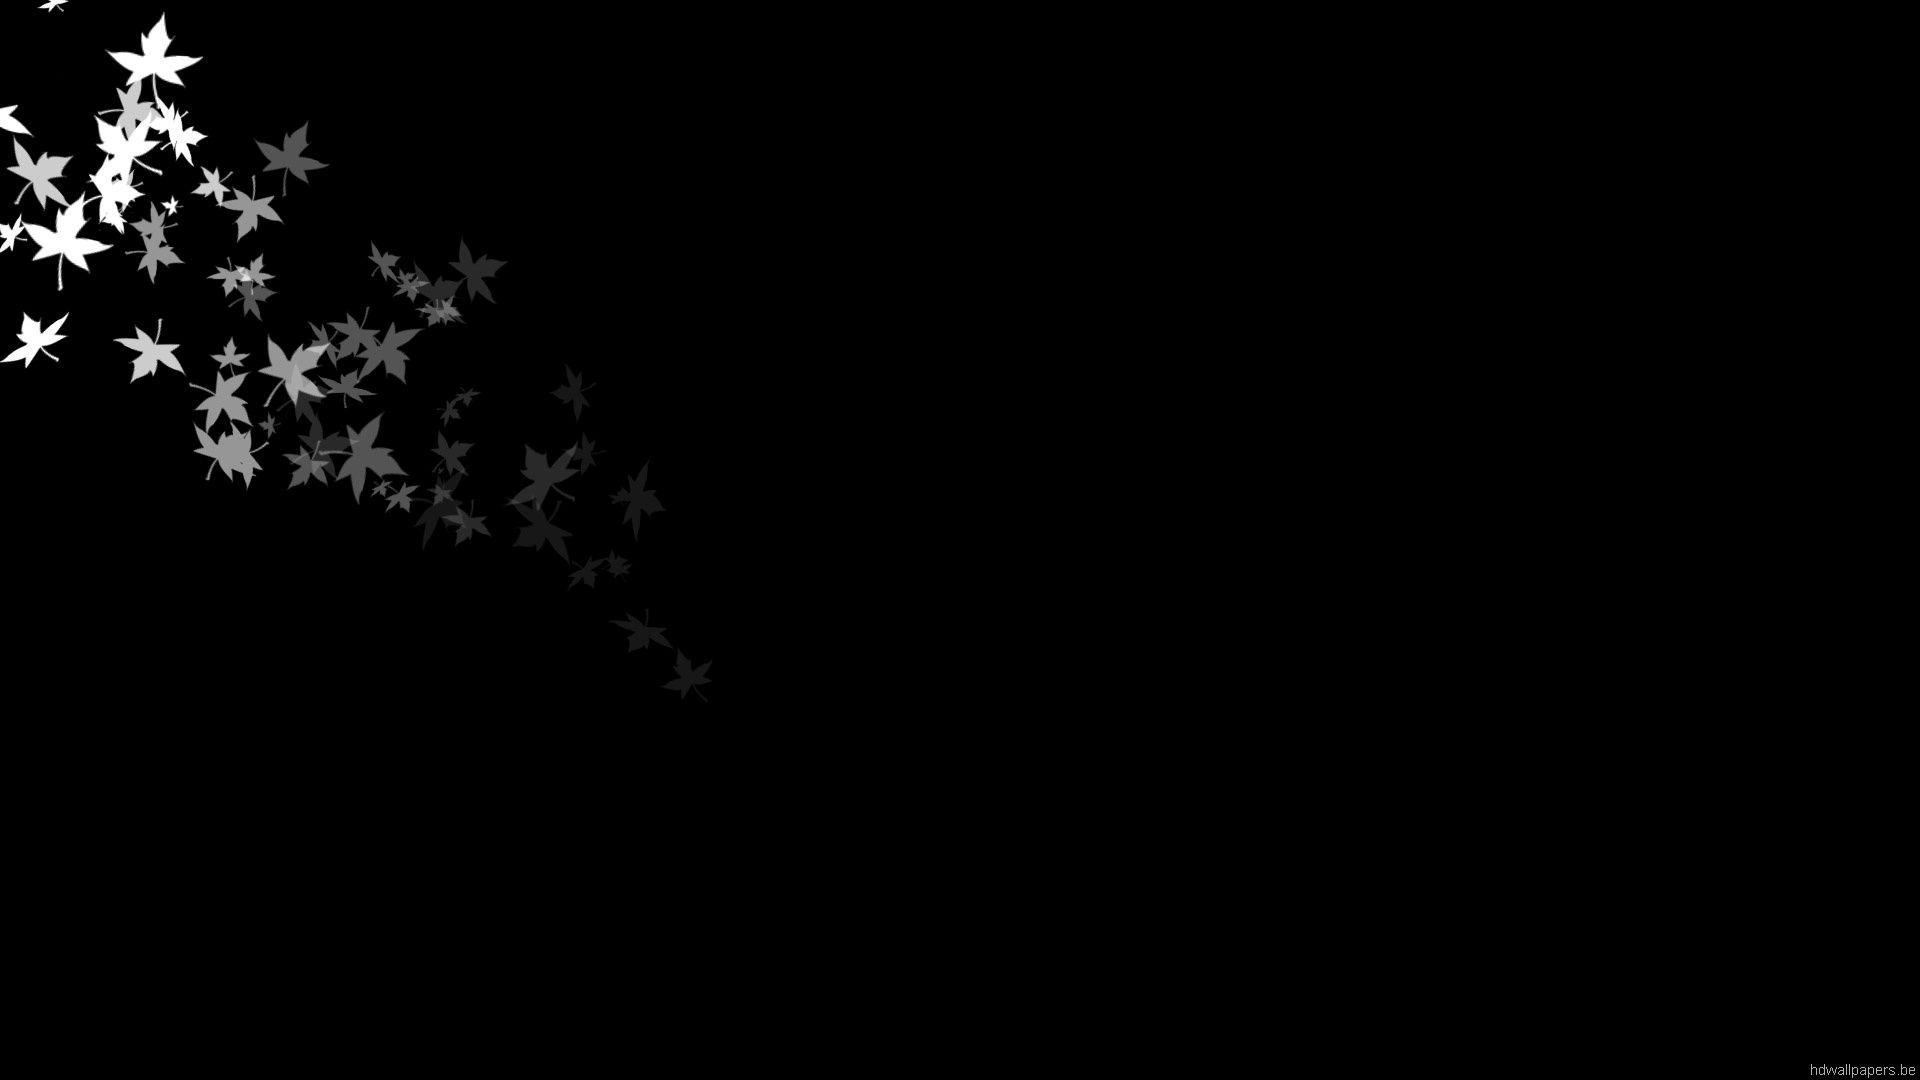 Dark Dark Wallpapers Black Wallpapers Backgrounds 1920x1080